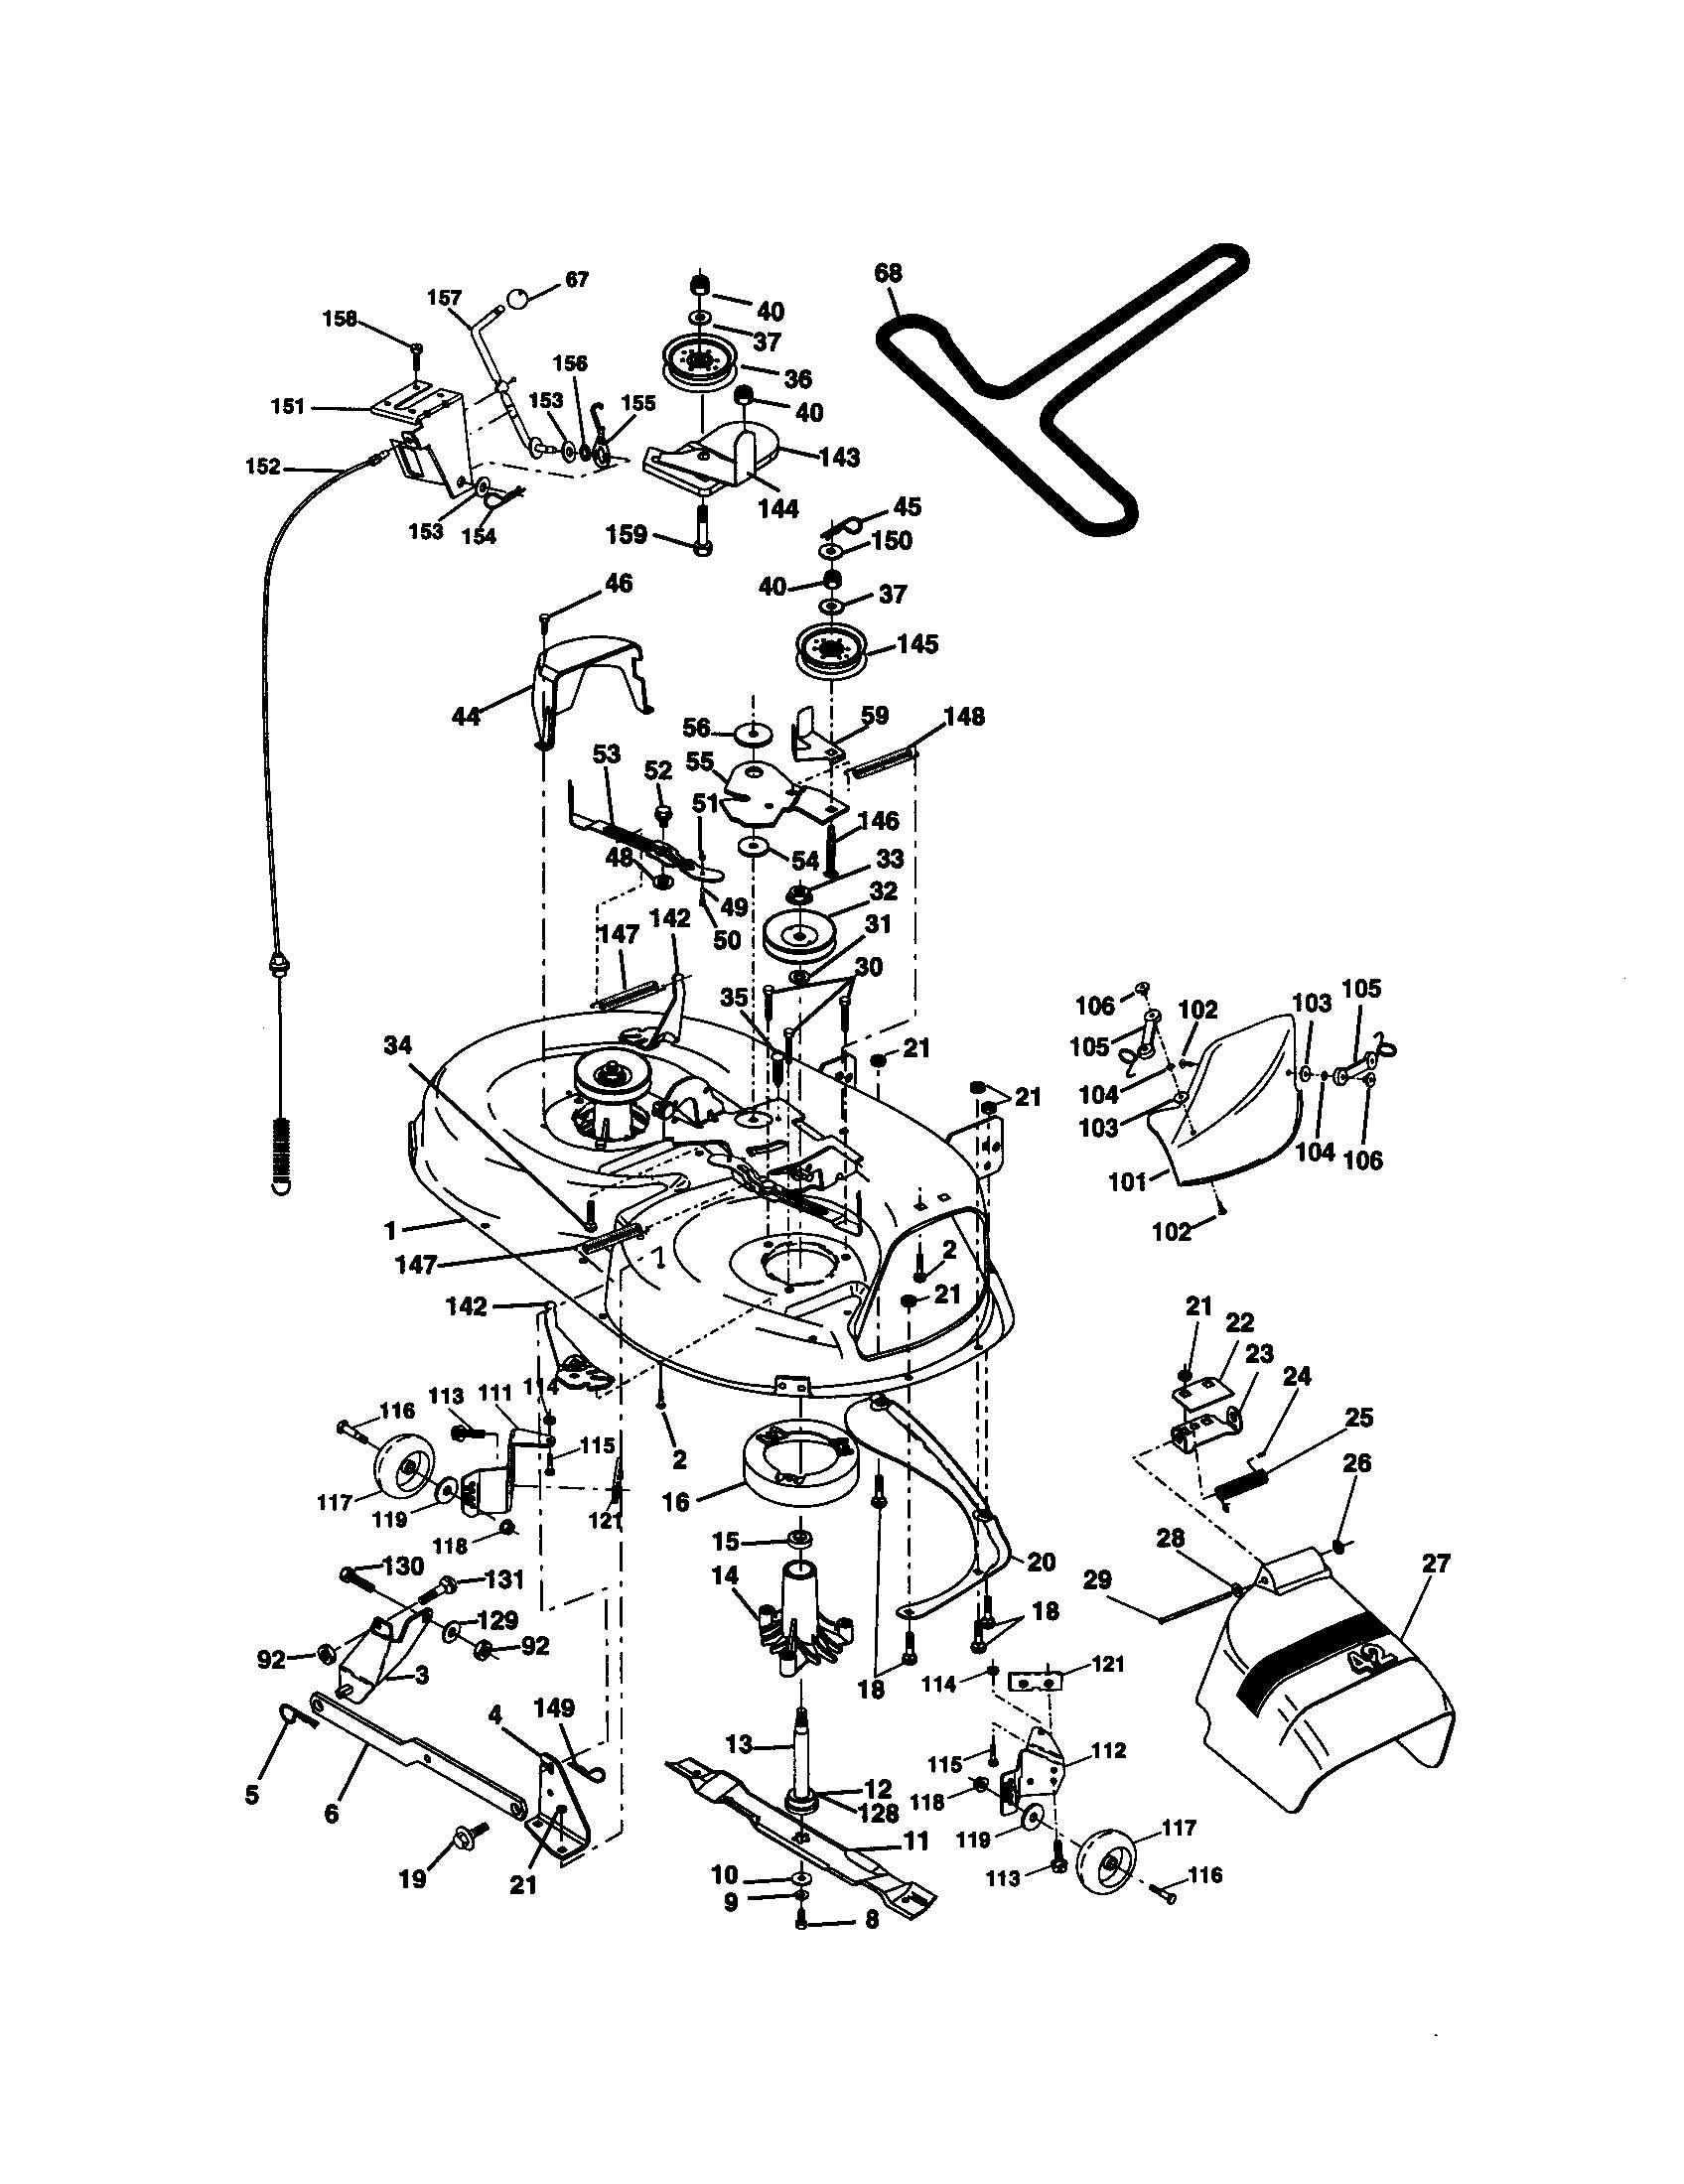 Parts Diagram Craftsman 17.5 Hp Lawn Mower Briggs and Stratton 17 5 Hp Engine Diagram Of Parts Diagram Craftsman 17.5 Hp Lawn Mower